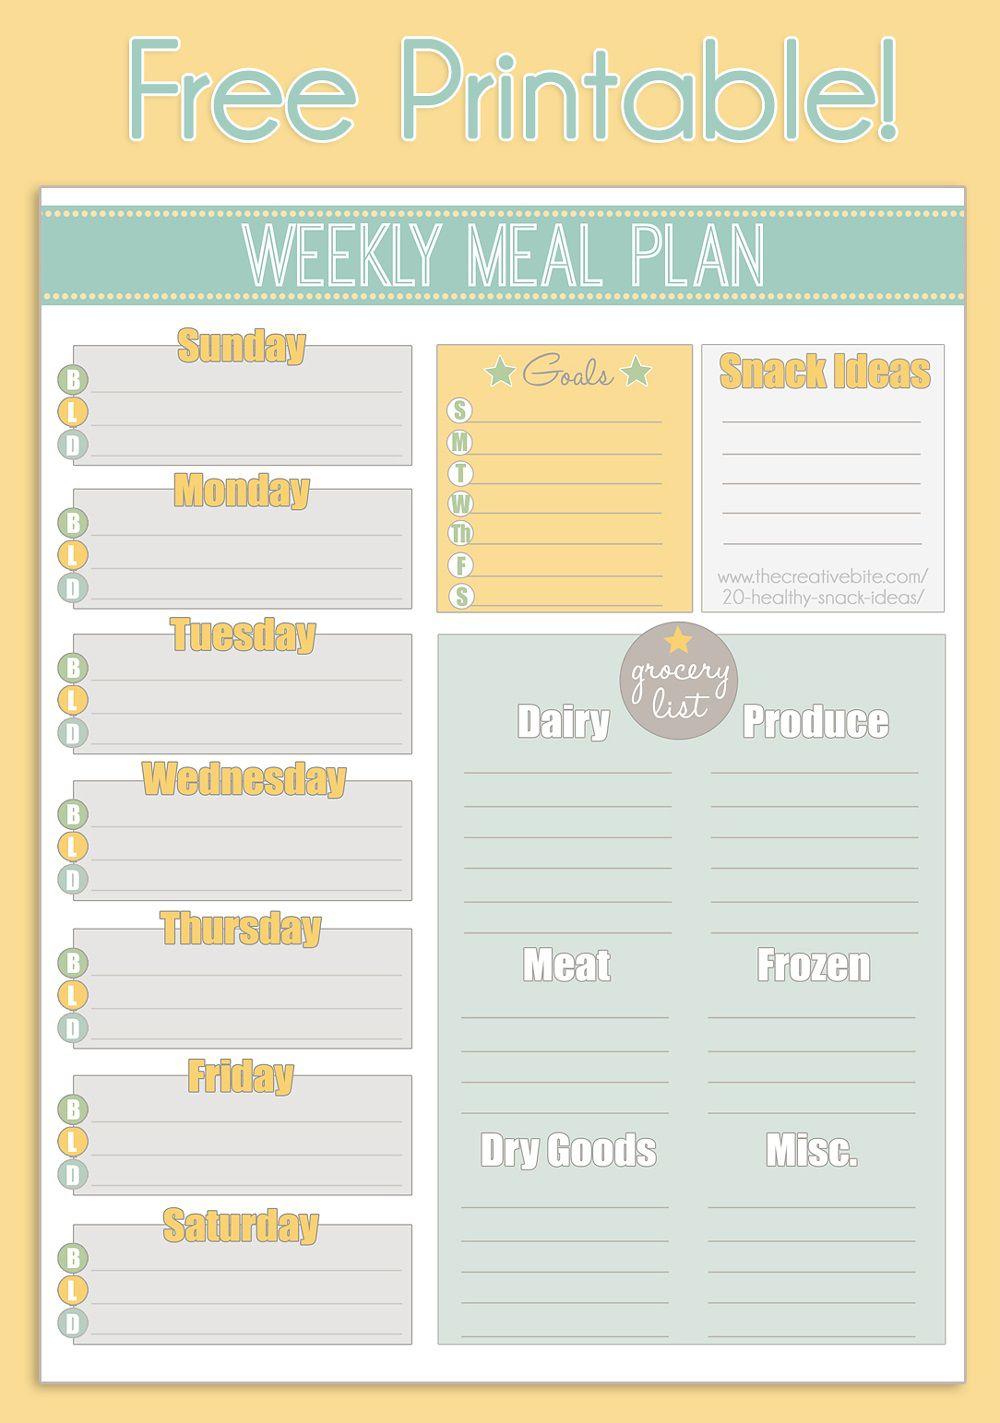 008 Striking Weekly Meal Plan Template App High Def  Apple PageFull